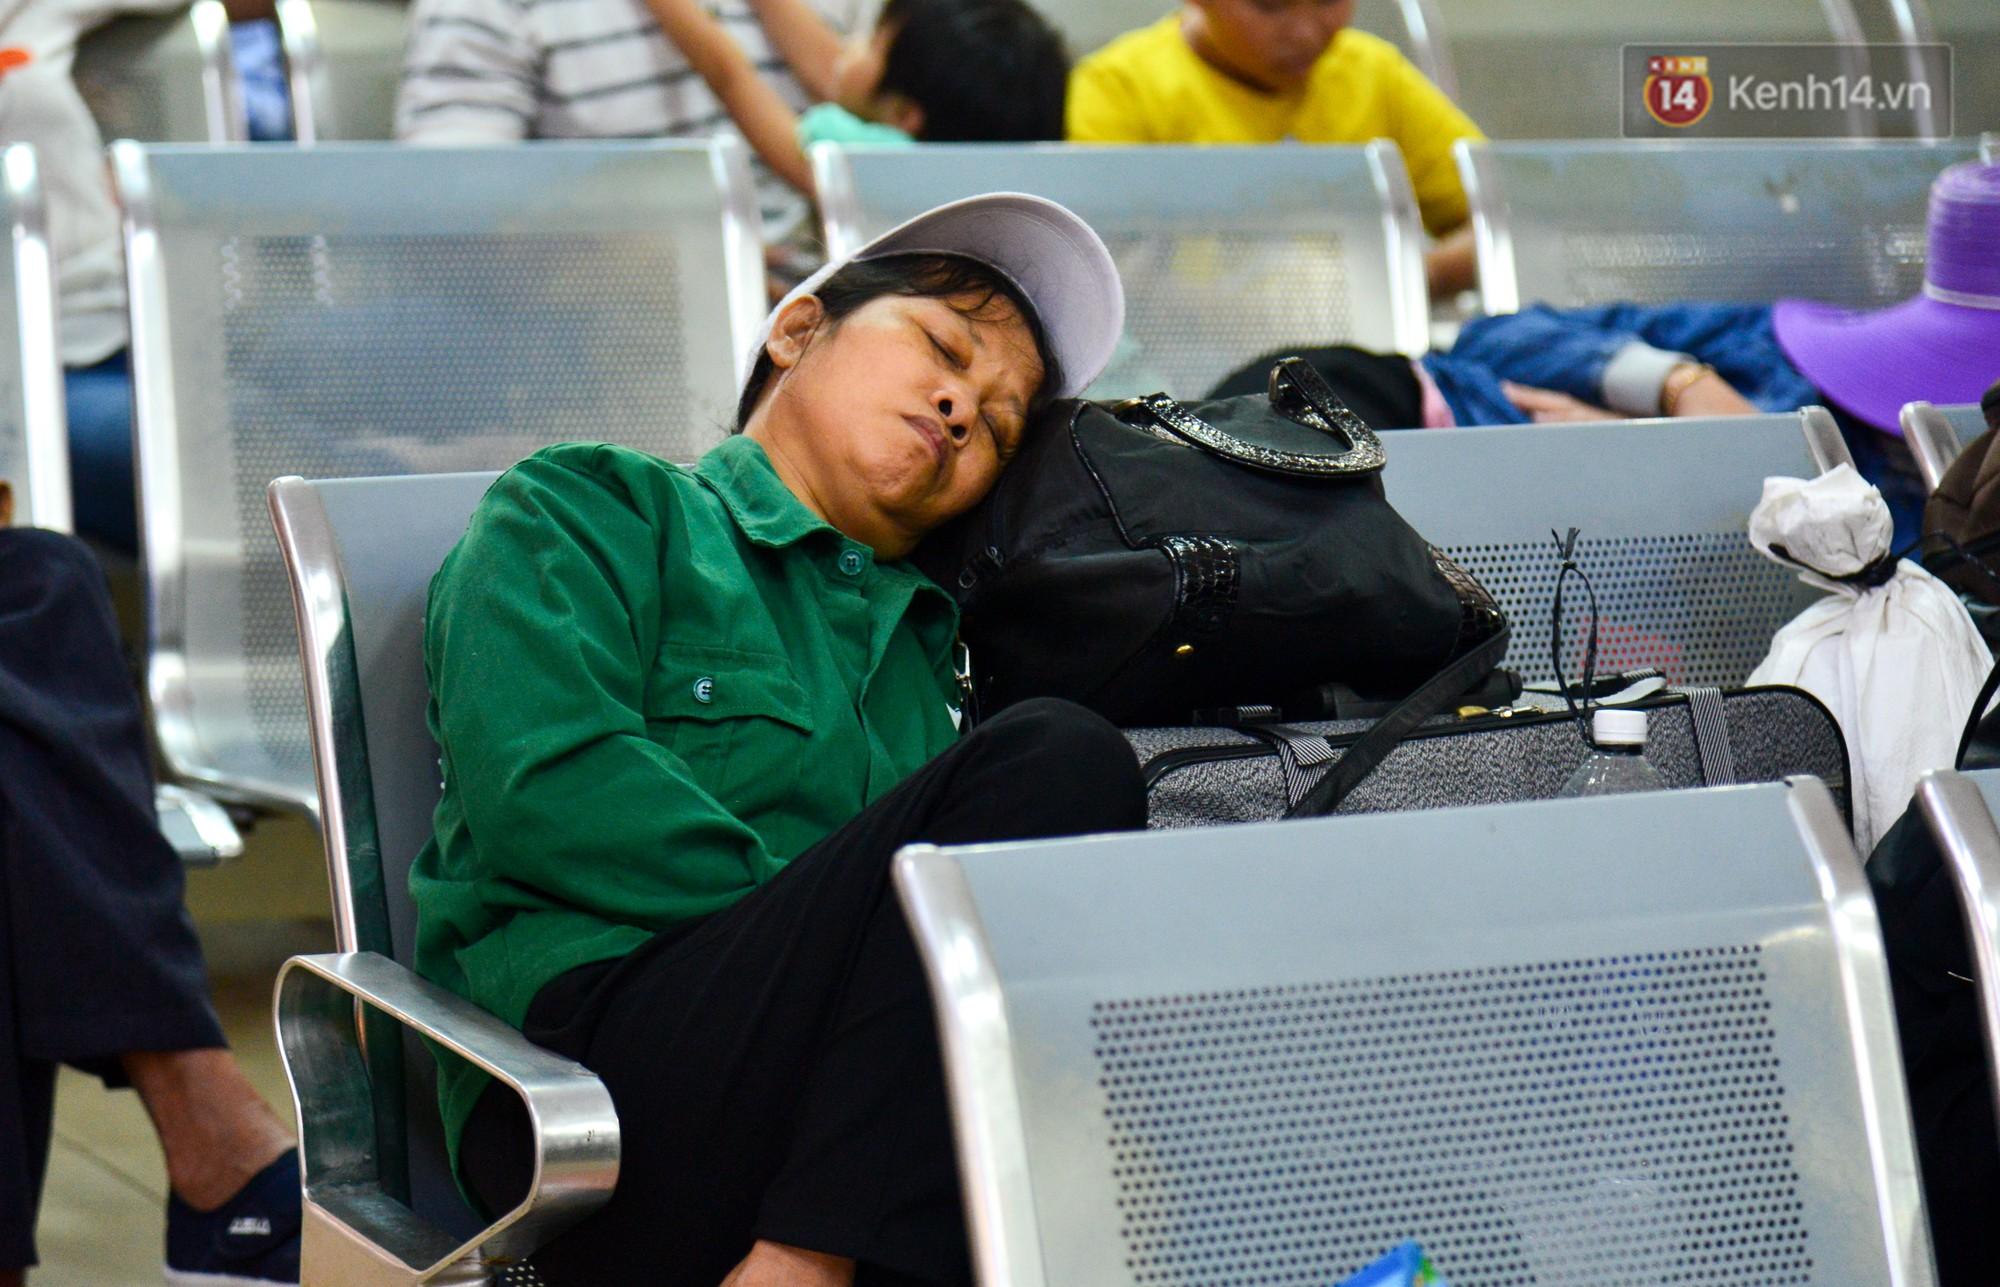 Chùm ảnh: Những giấc ngủ gà gật của người dân chờ xe về quê nghỉ Tết khiến nhiều người nhìn thôi cũng thấy mệt - Ảnh 4.